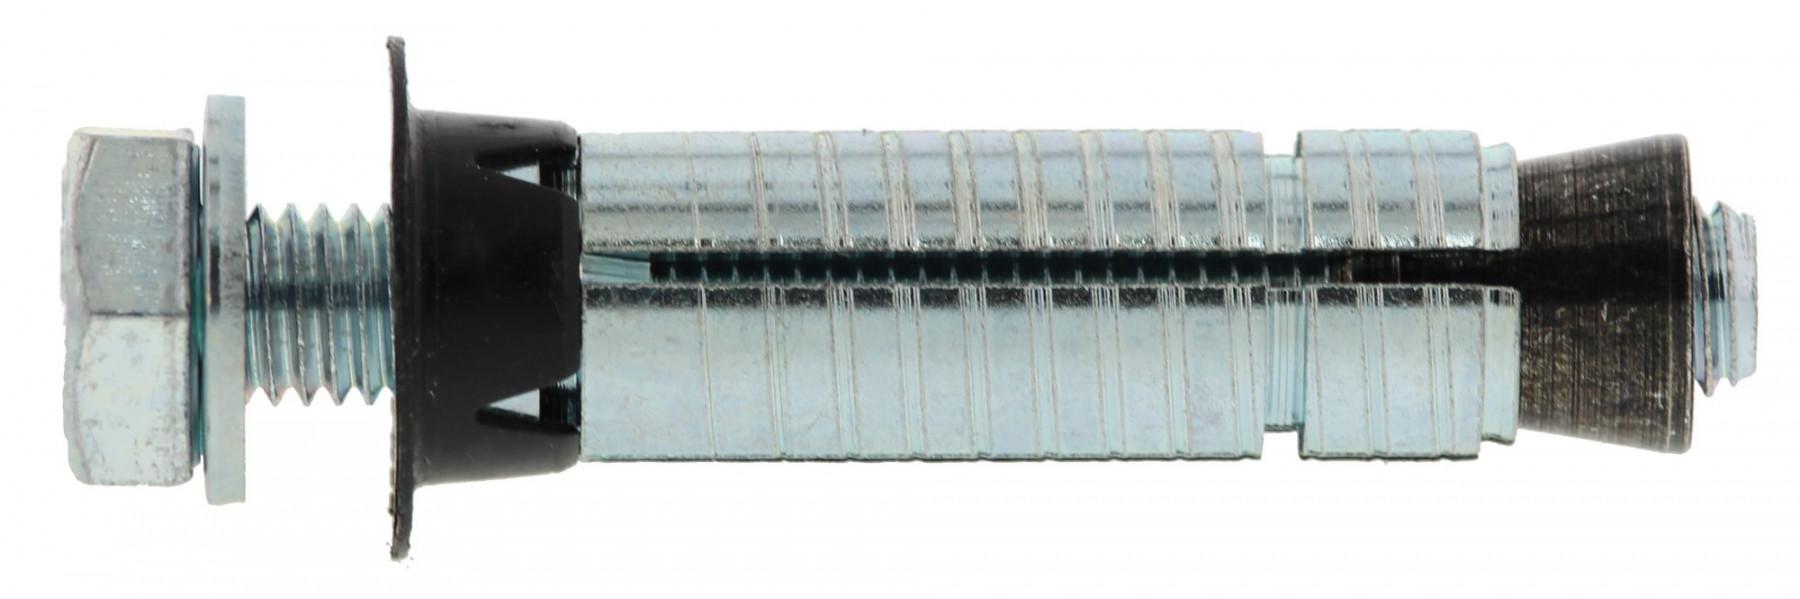 Cheville Prima SPIT M8 x Ø14/10 mm - avec vis  - 050406 - à l'unité